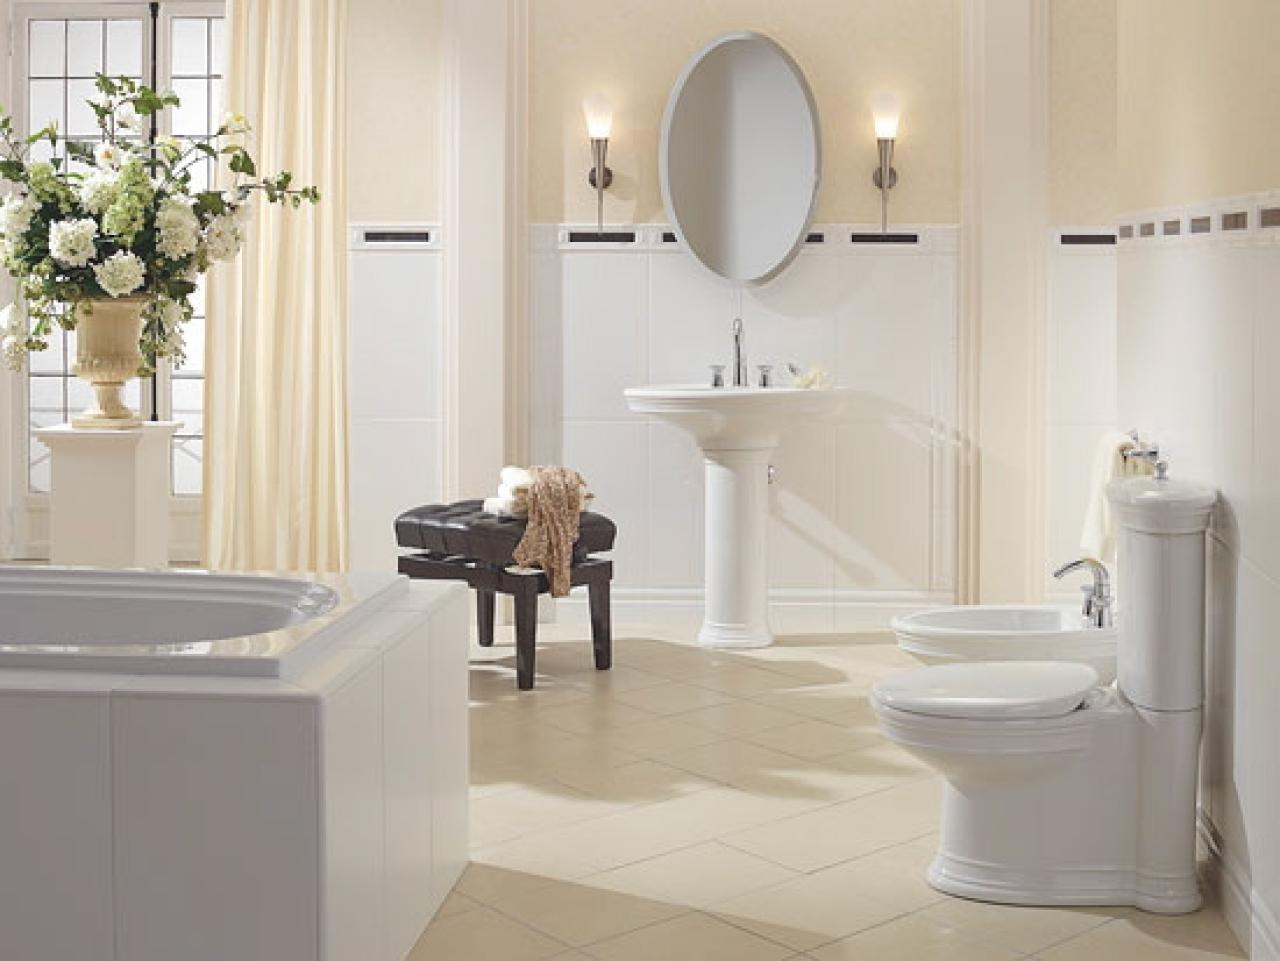 Remont-vannoy-i-tualeta--variantyi-dizayna 13